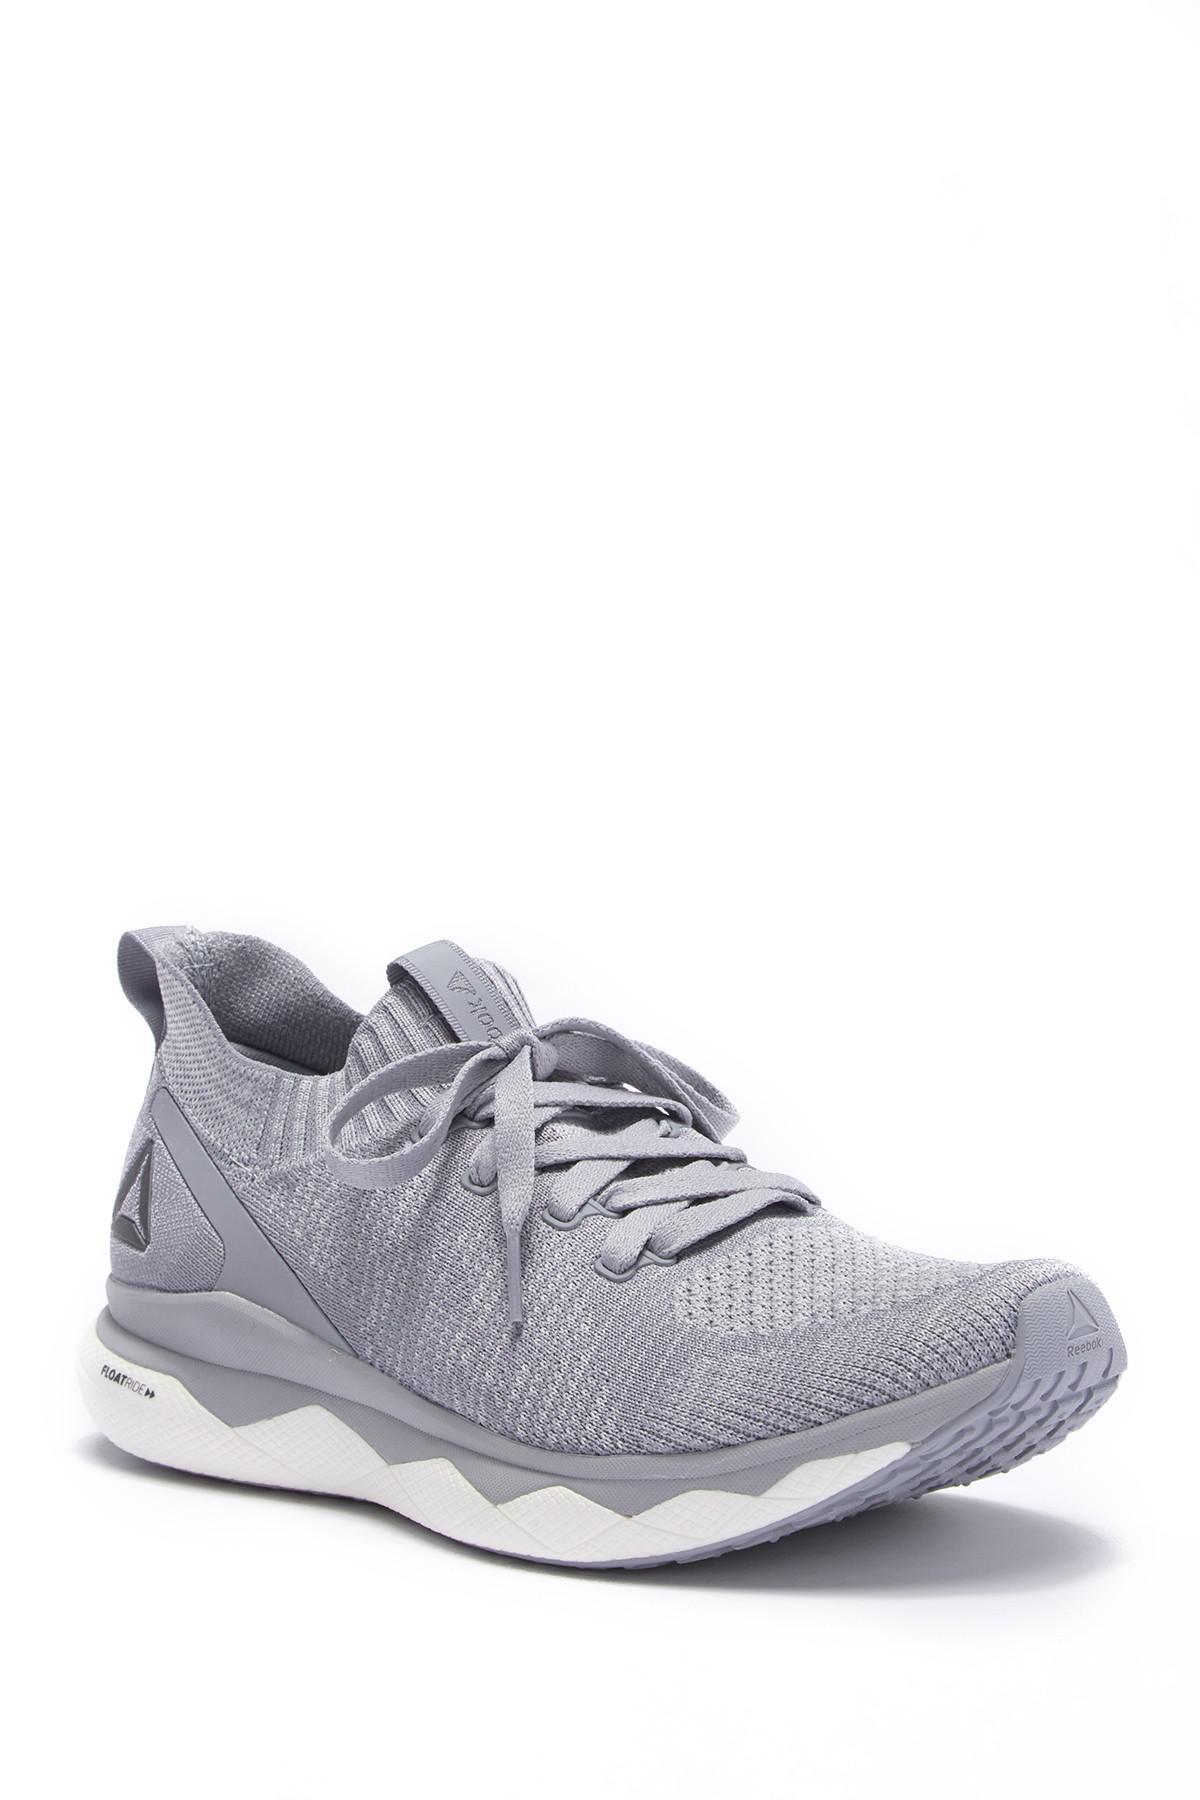 27d56593ef5 Reebok Floatride Rs Ultraknit Running Sneaker in Gray for Men - Lyst